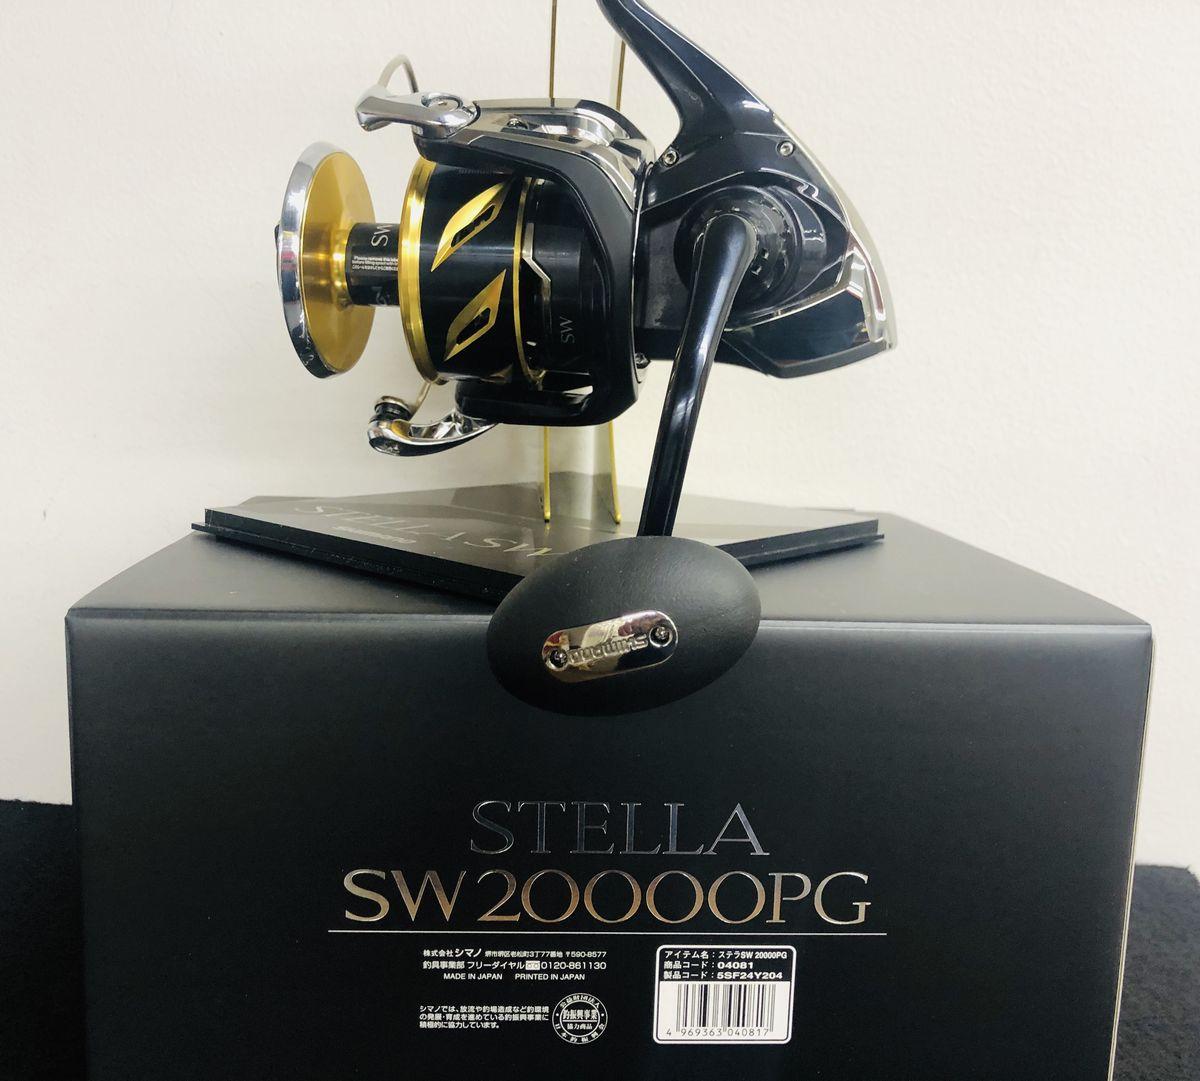 シマノ SHIMANO / 20 ステラSW 20000PG